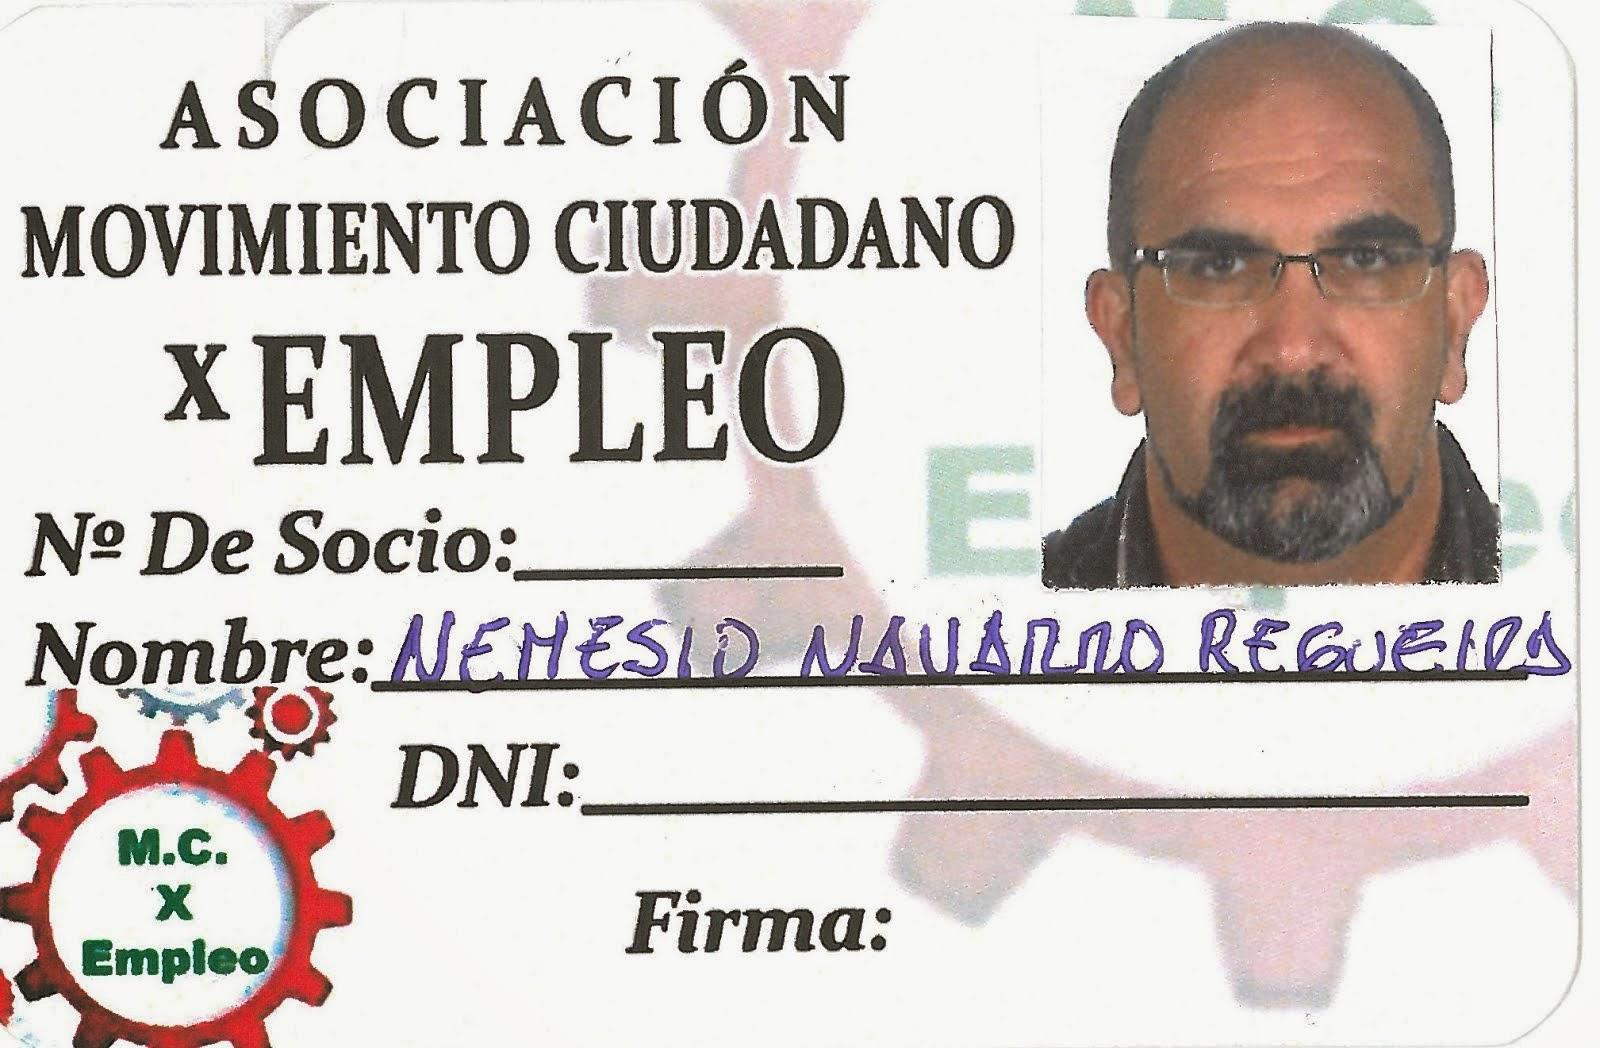 NEMESIO NAVARRO NOGUEIRA